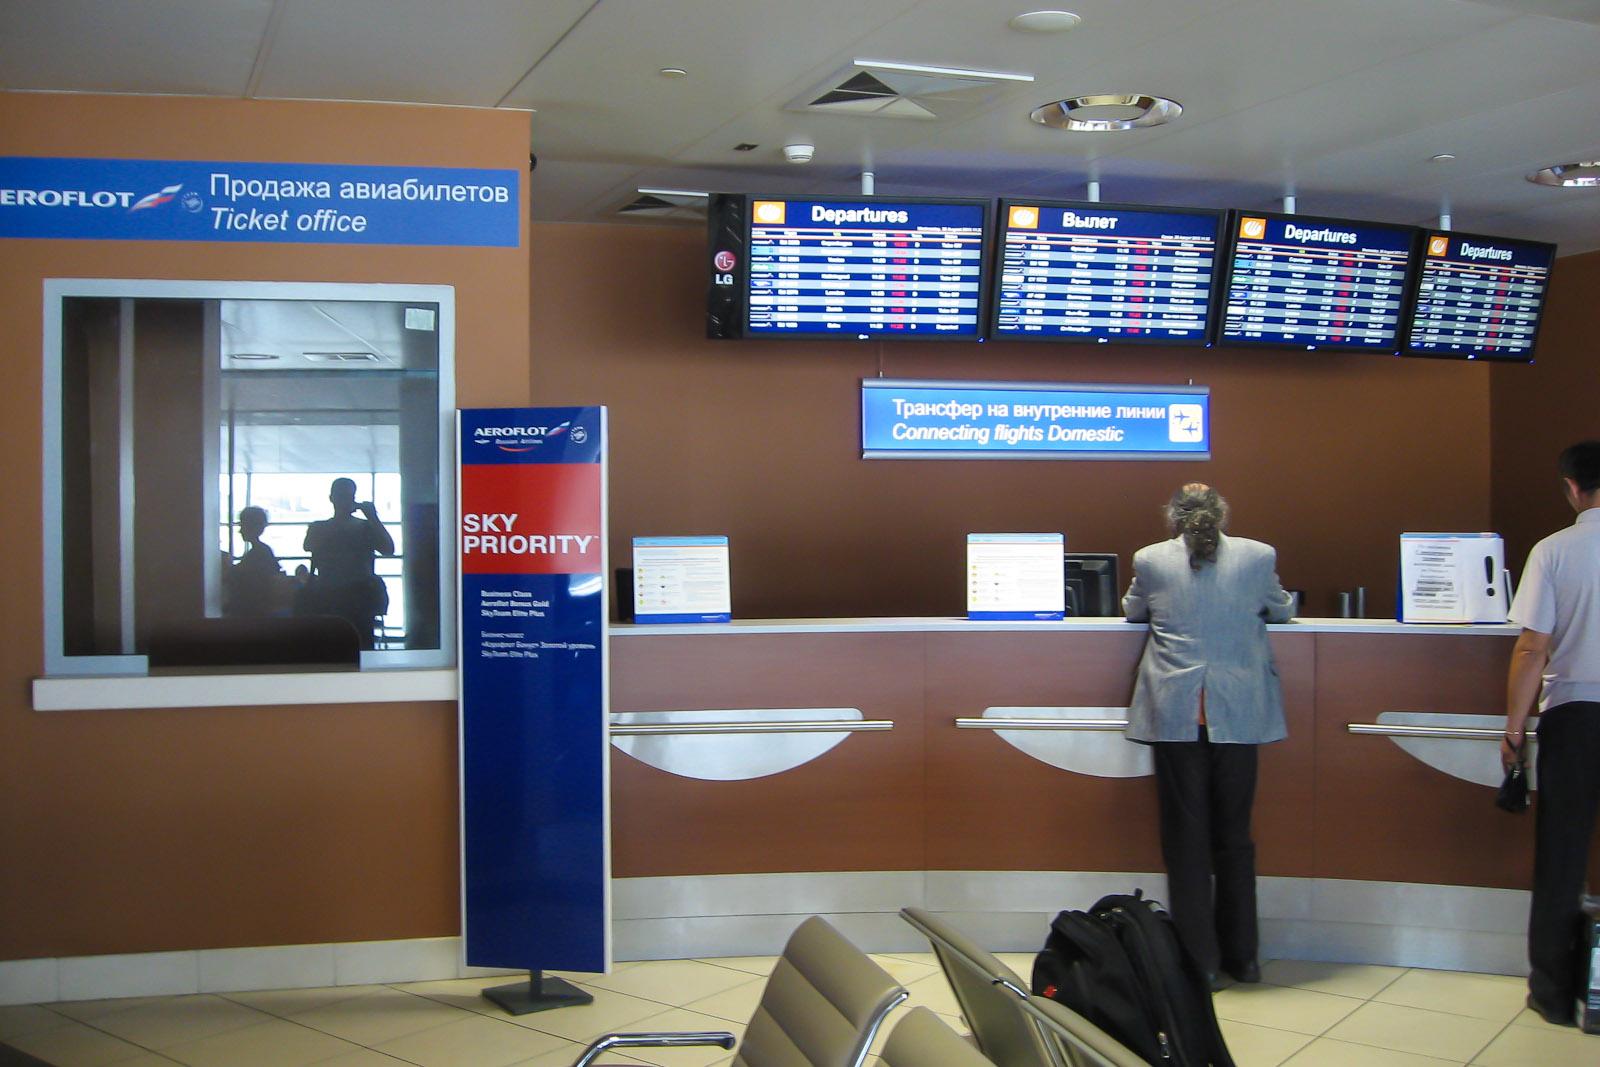 Стойка обслуживания трансферных пассажиров в терминале D аэропорта Шереметьево